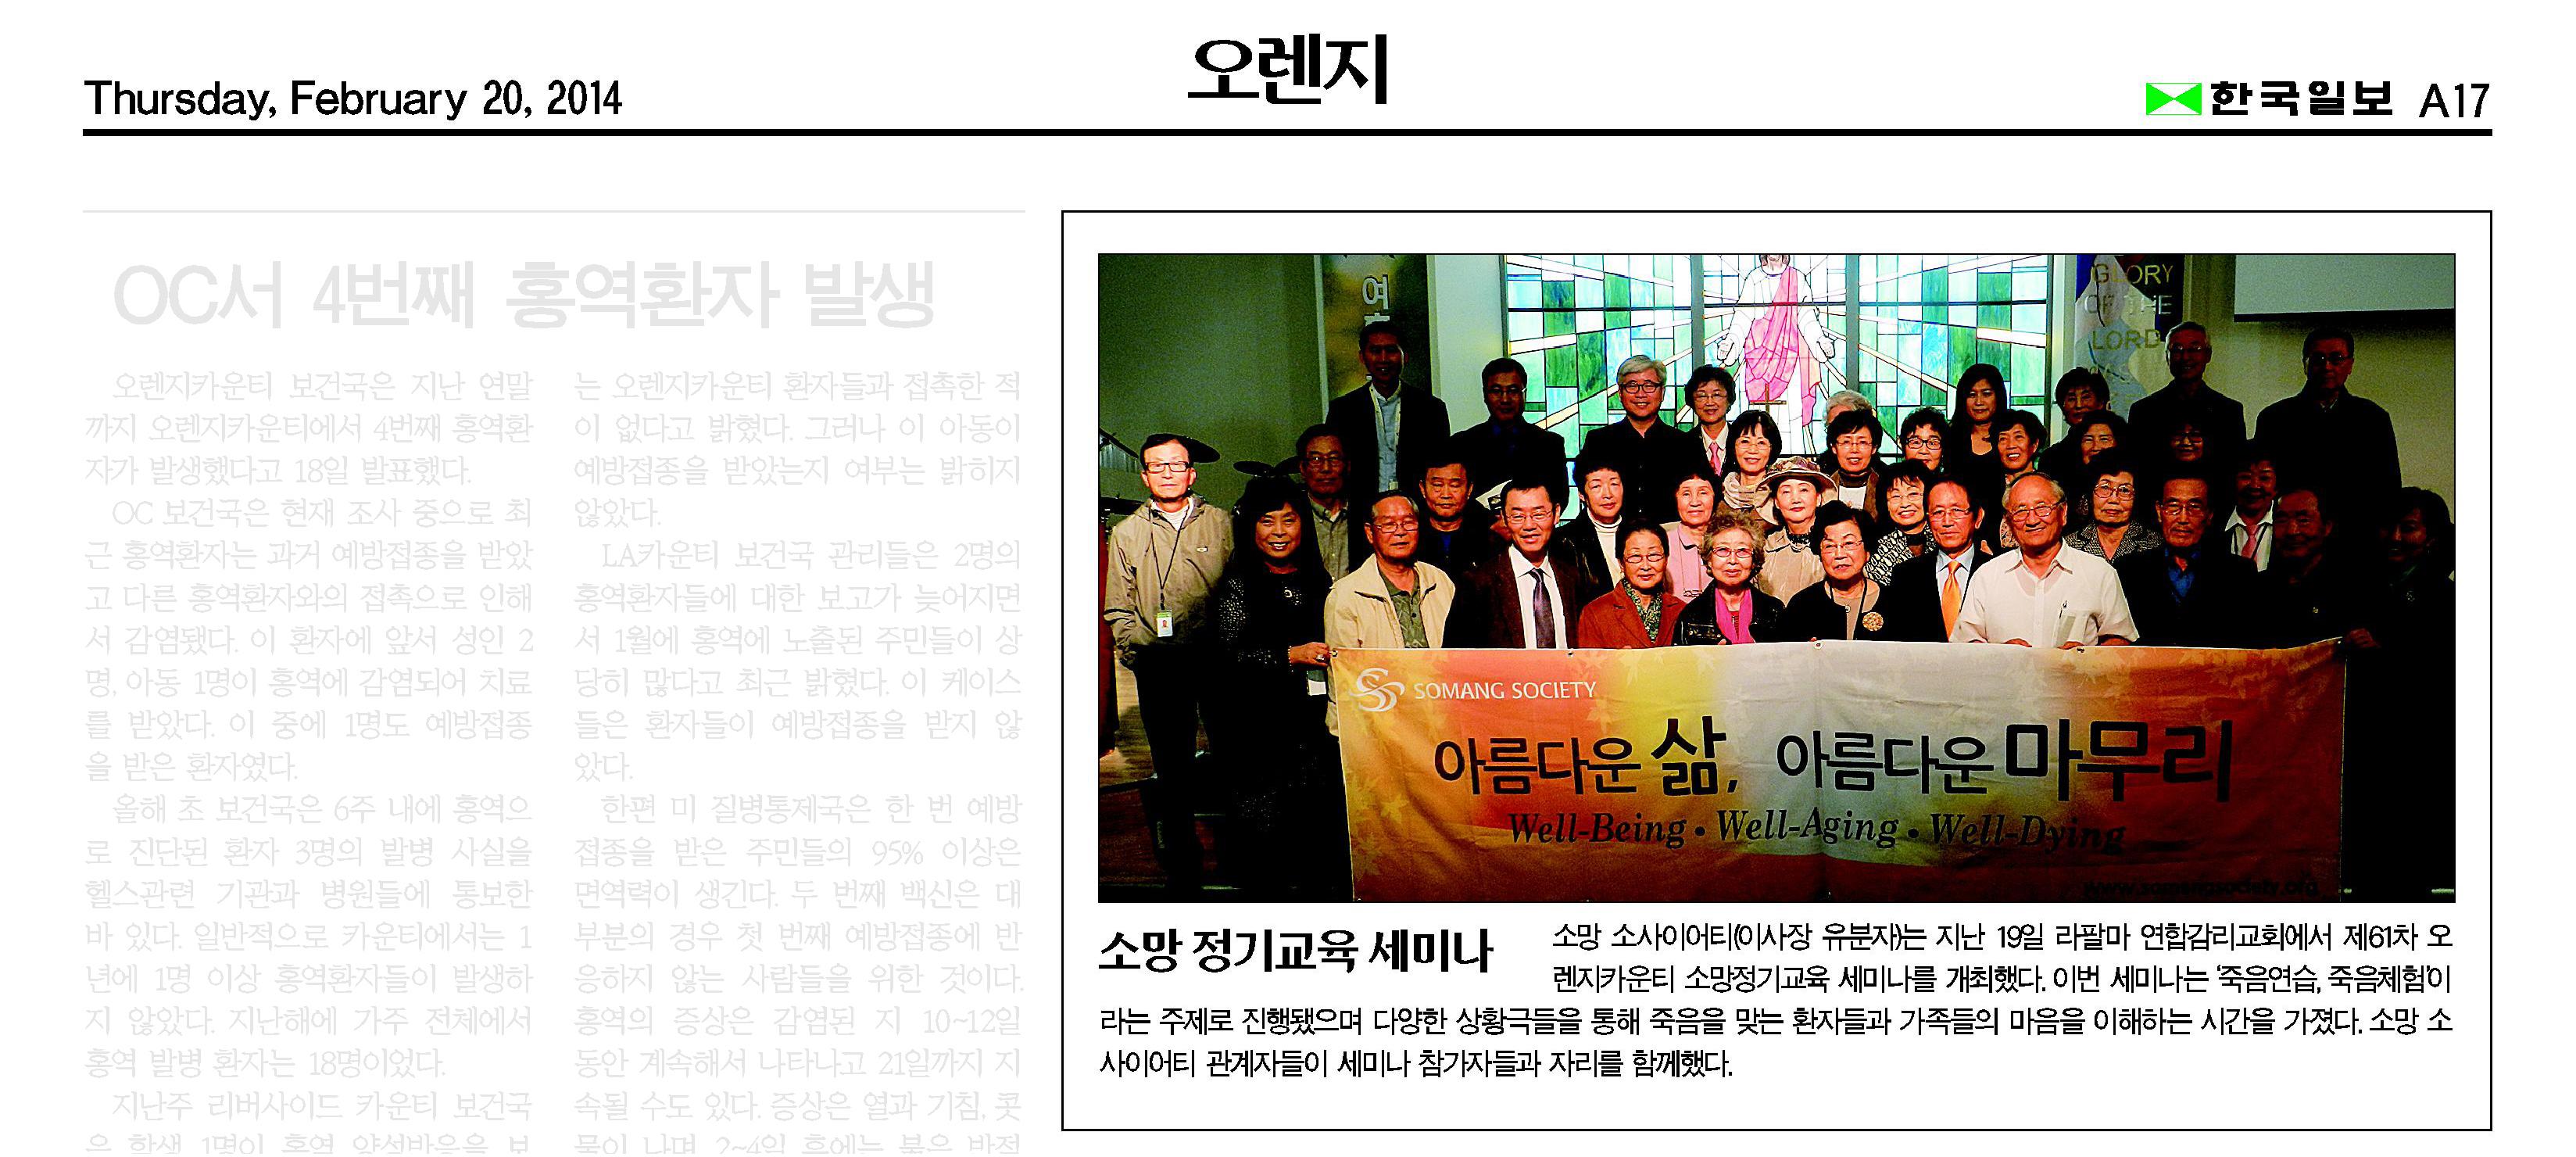 """""""소망 정기교육 세미나"""" 2014년 2월20일  한국일보"""